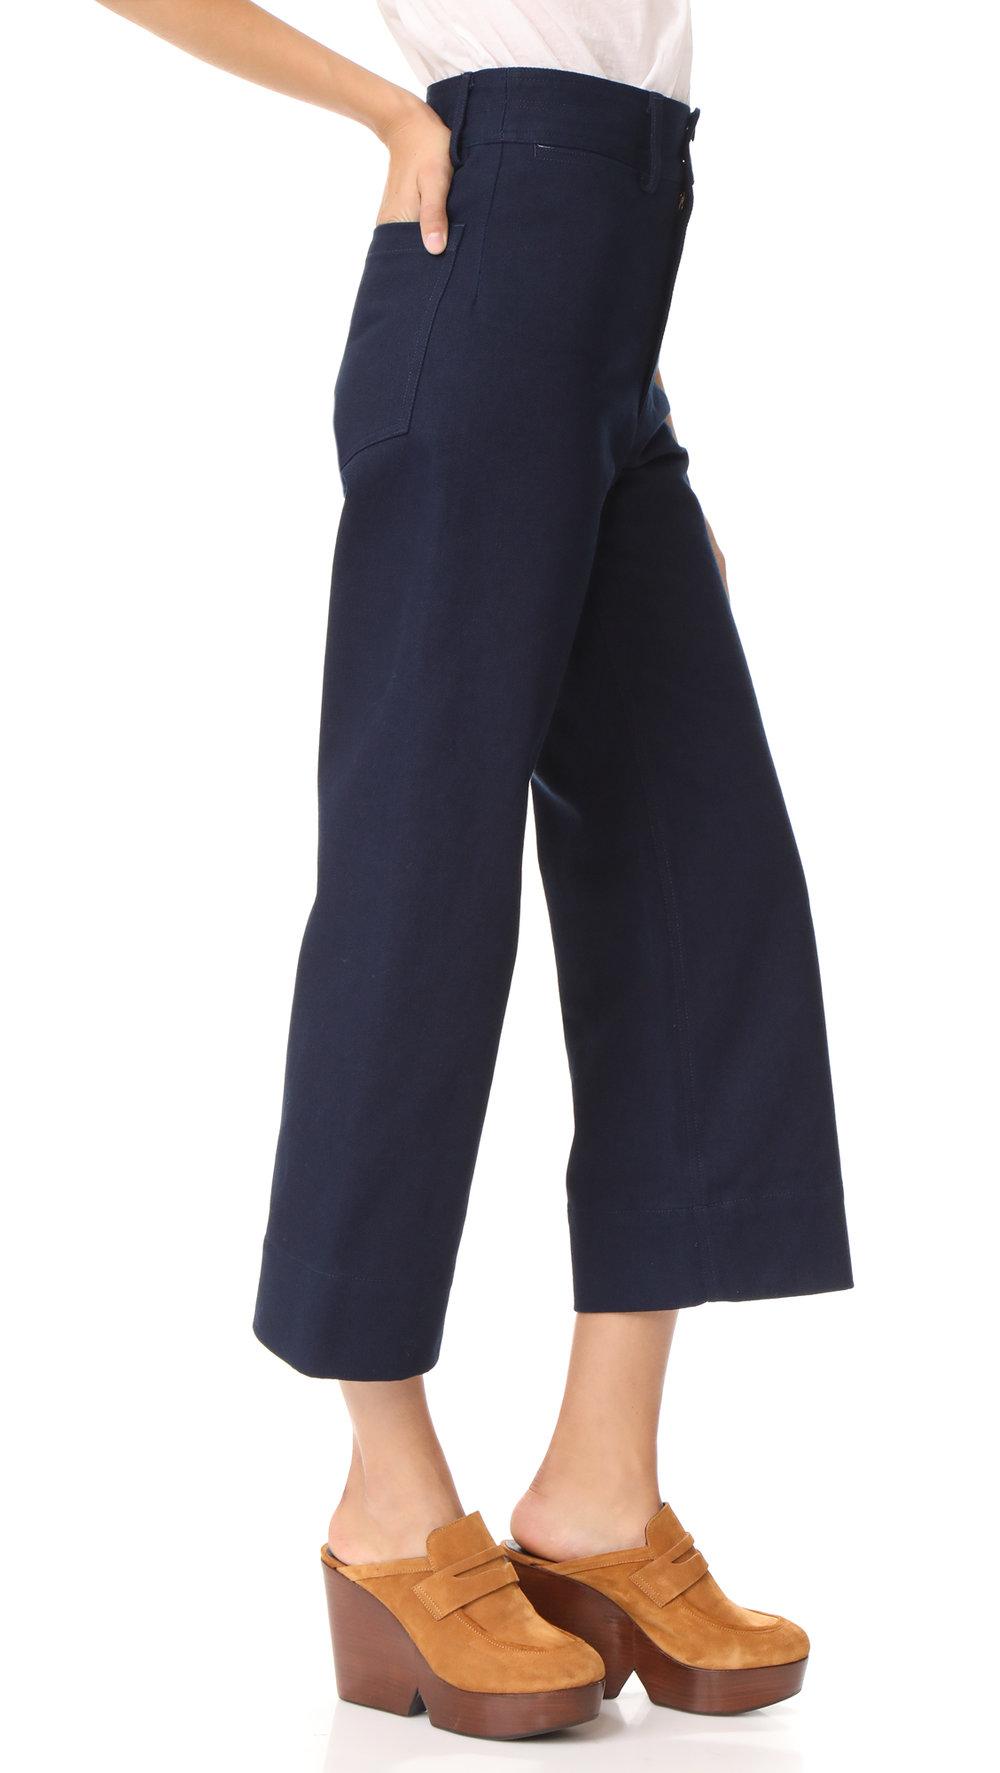 Merida Pants, $295